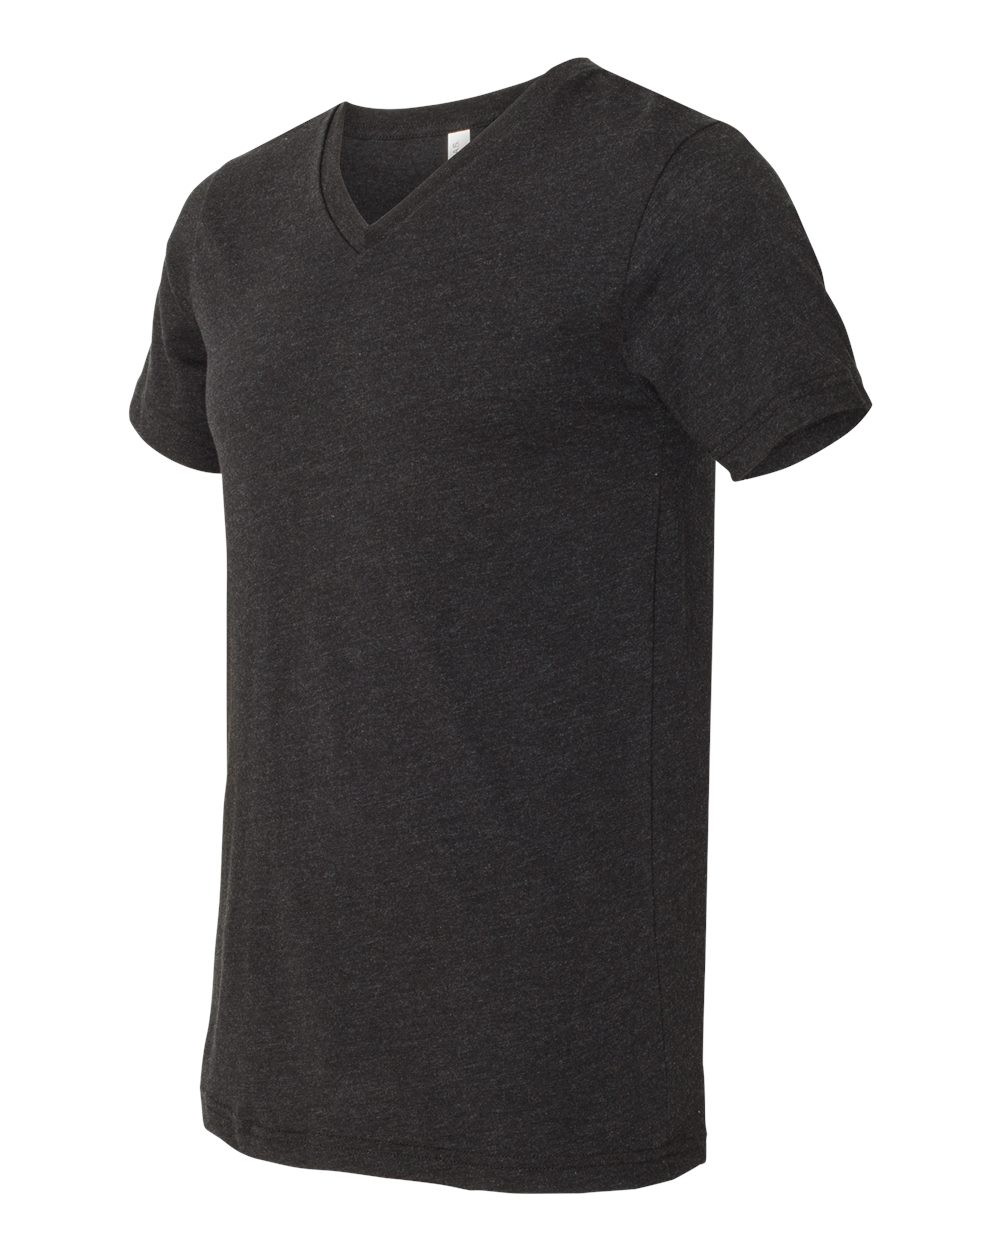 Bella-Canvas-Men-039-s-Jersey-Short-Sleeve-V-Neck-T-Shirt-3005-XS-3XL thumbnail 121